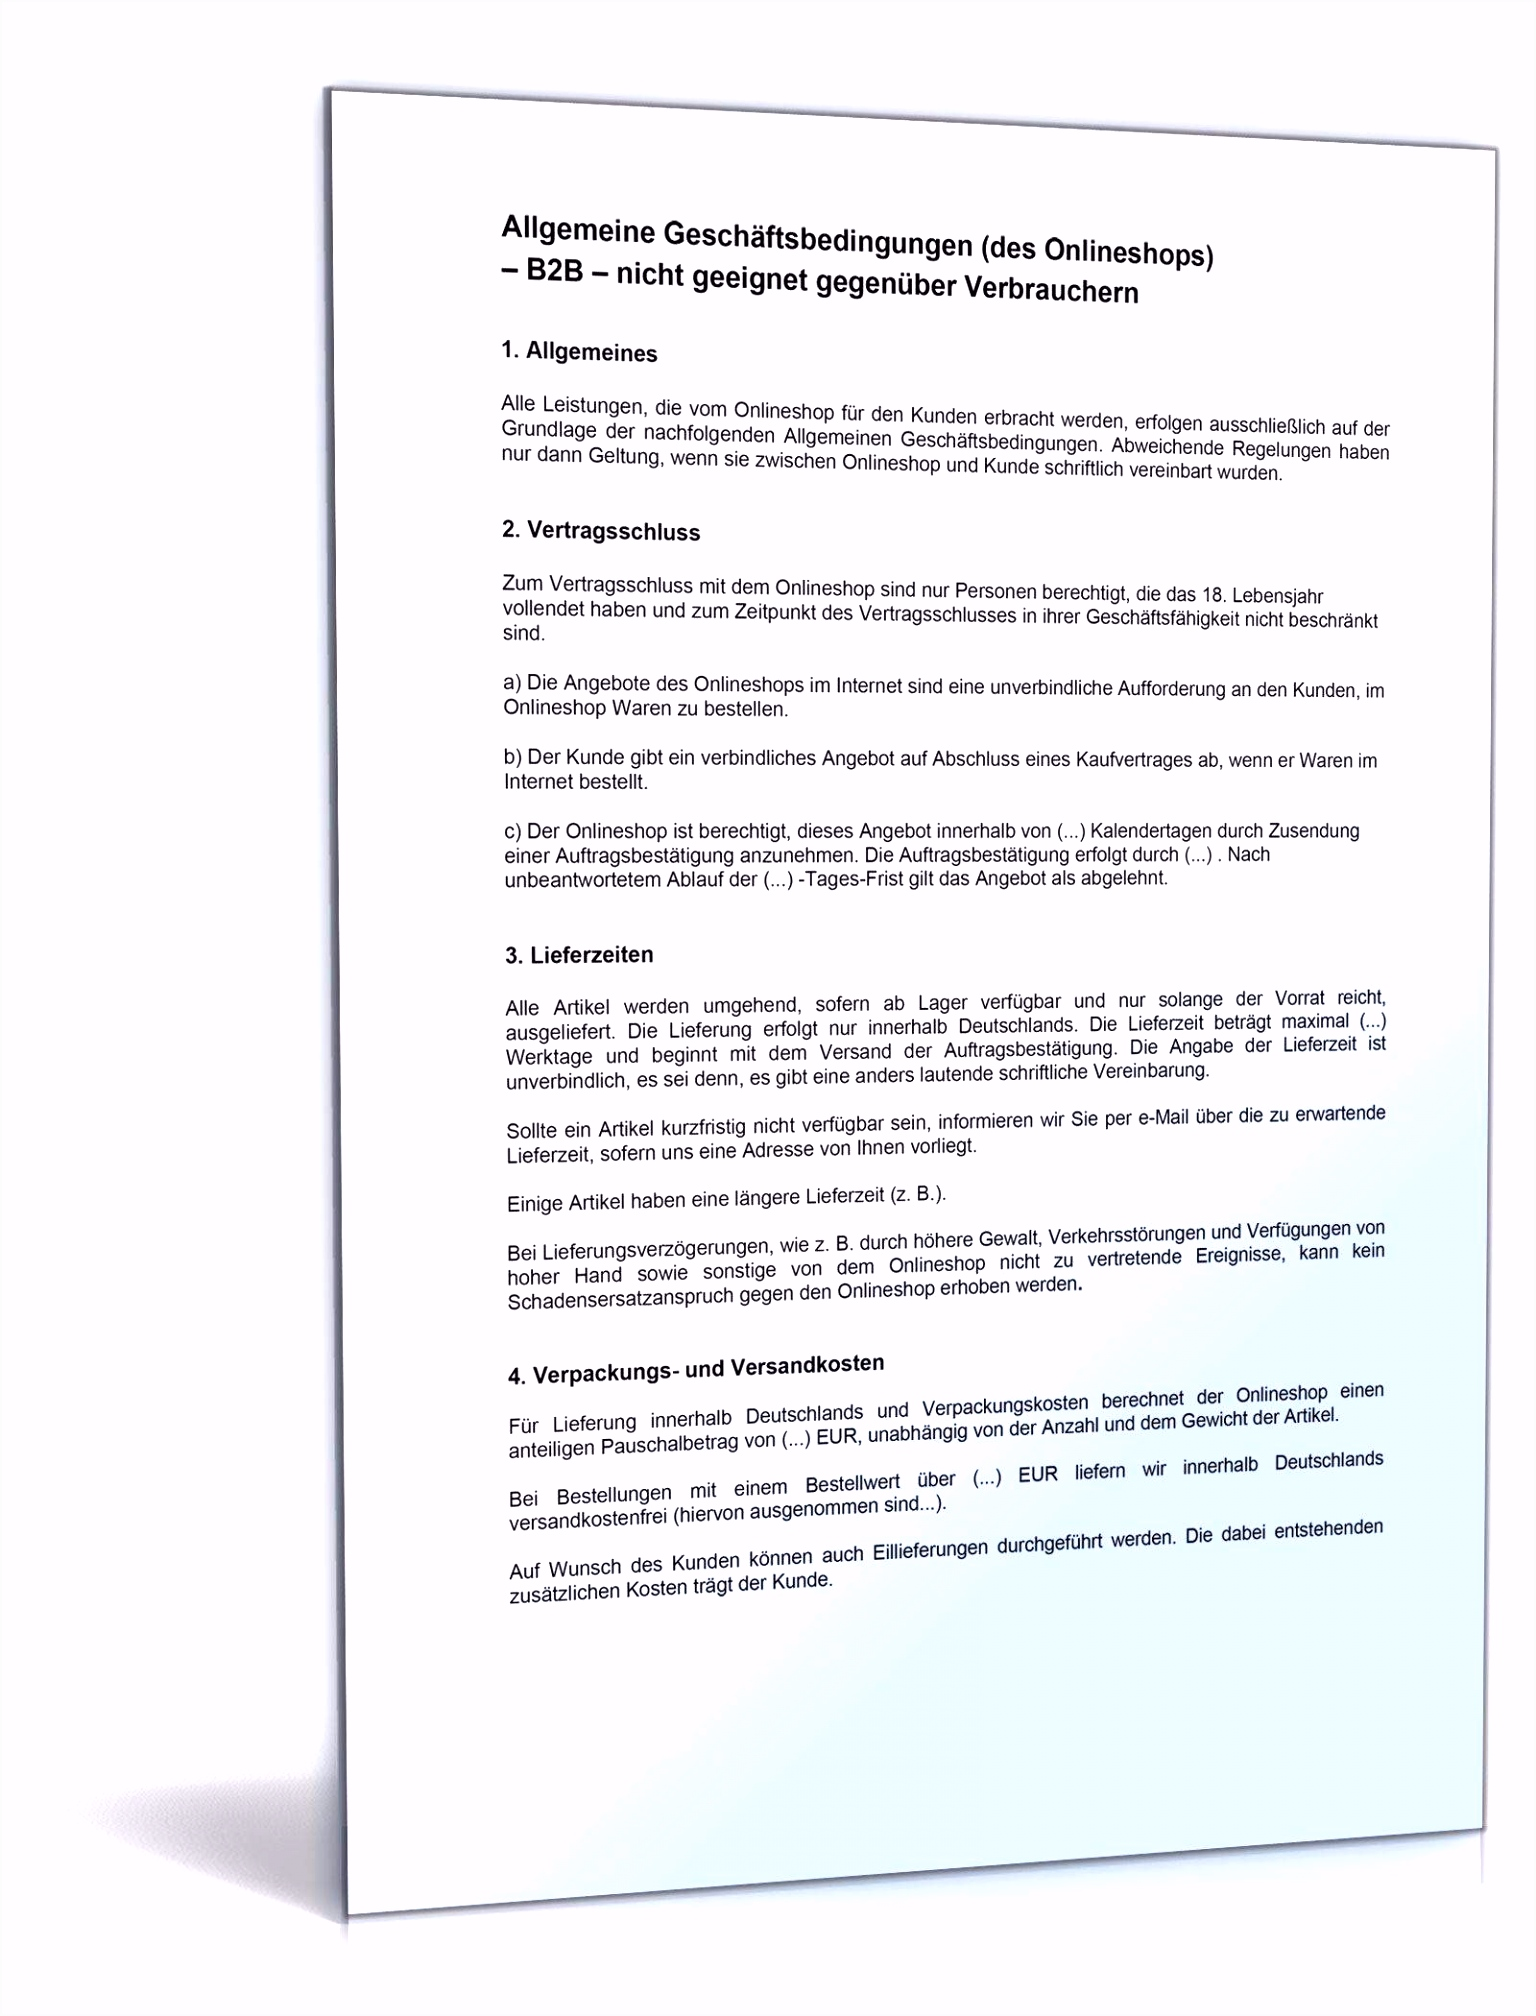 Santander Rsv Widerrufen Vorlage Santander Rsv Widerrufen Vorlage Widerruf Versicherung Vordruck Word R7fa42bhf4 O2rn5mkxo6